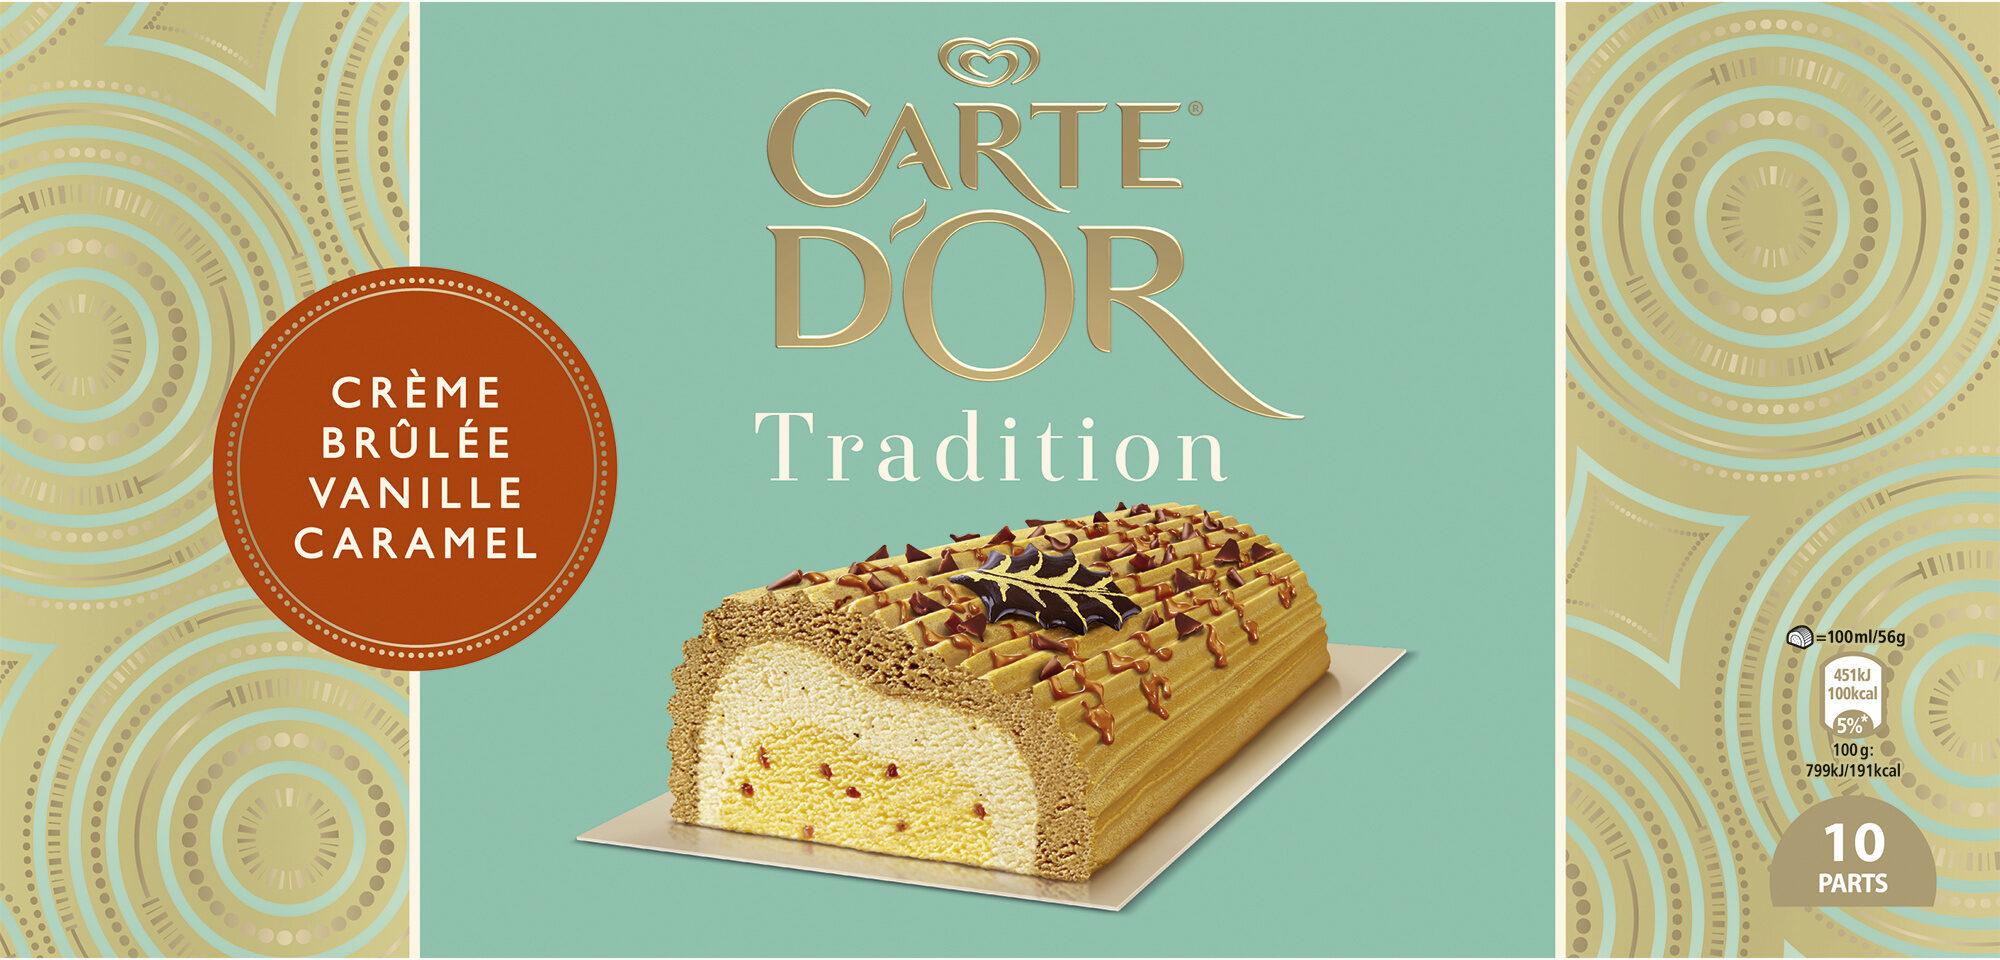 Carte D'or Tradition Buche Glacée Crème Brûlée Vanille Caramel 1l - Product